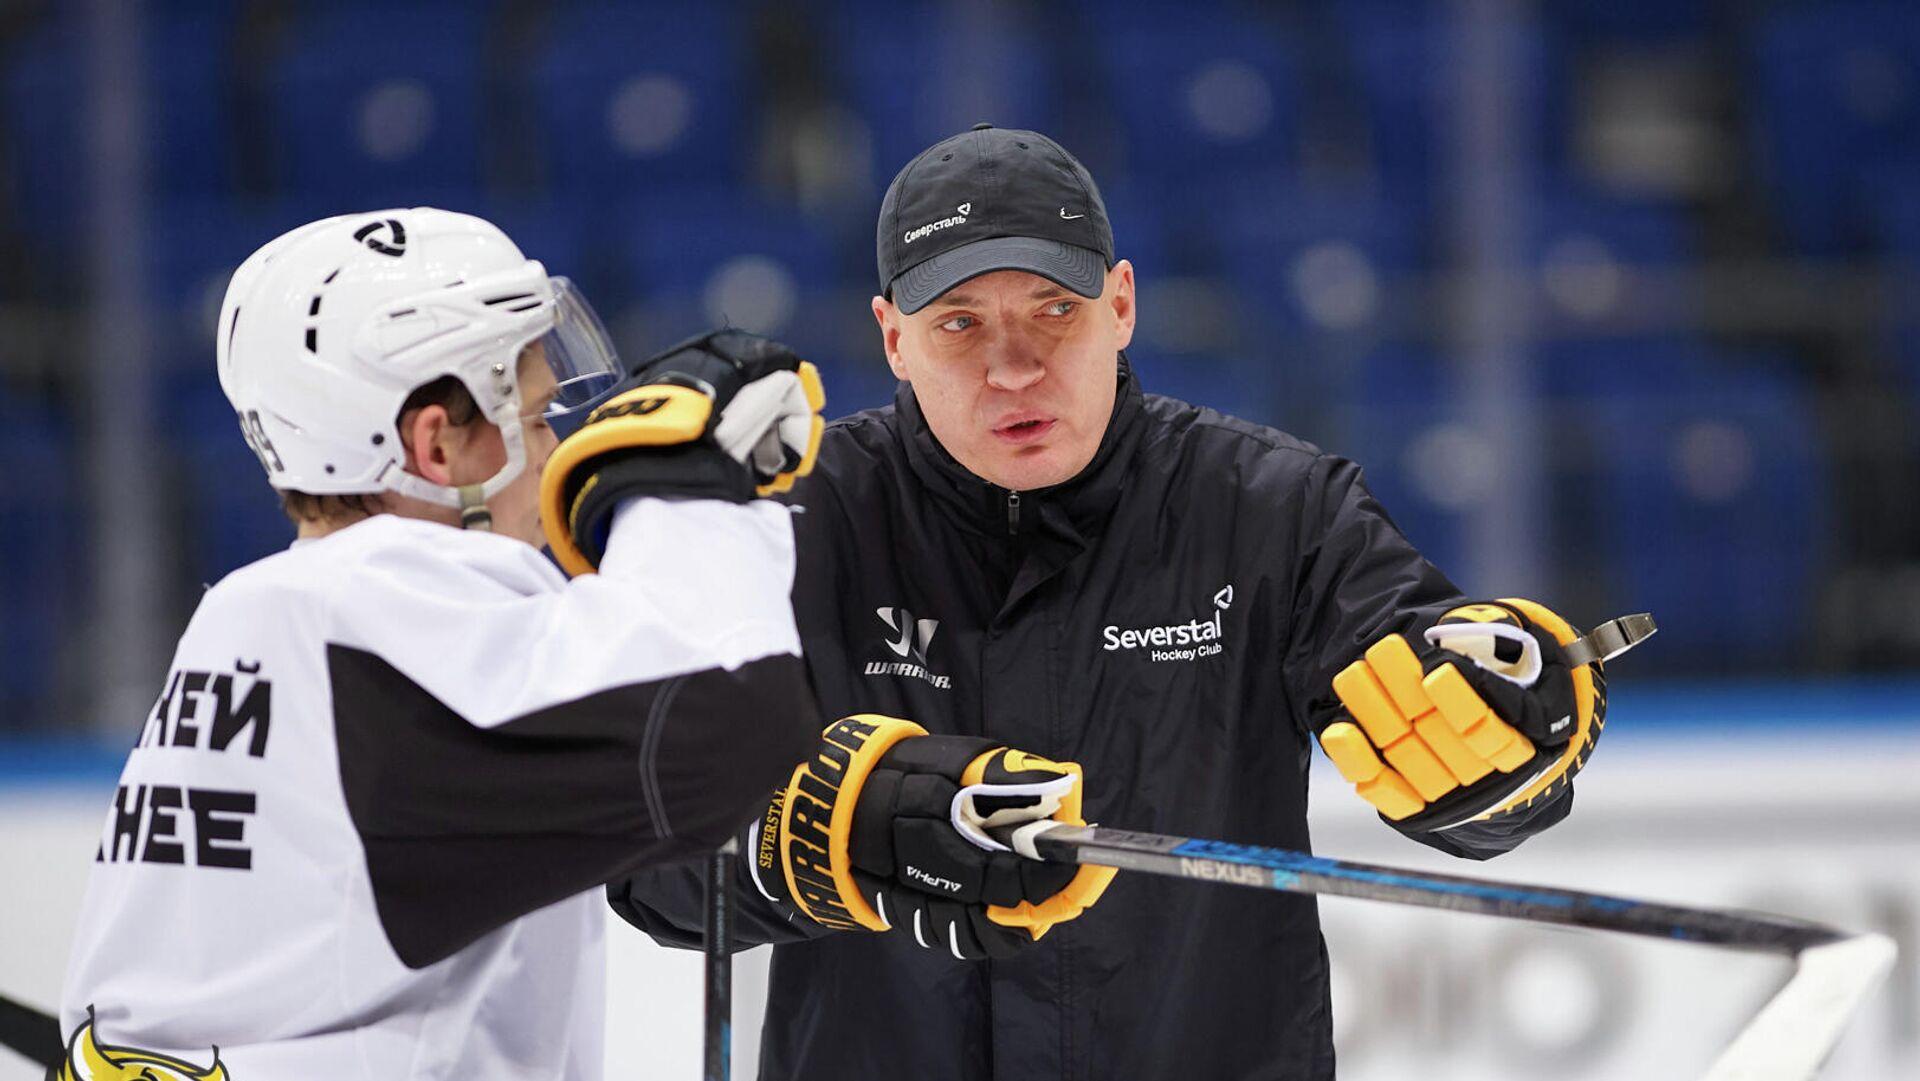 Главный тренер хоккейного клуба Северсталь Андрей Разин - РИА Новости, 1920, 28.01.2021